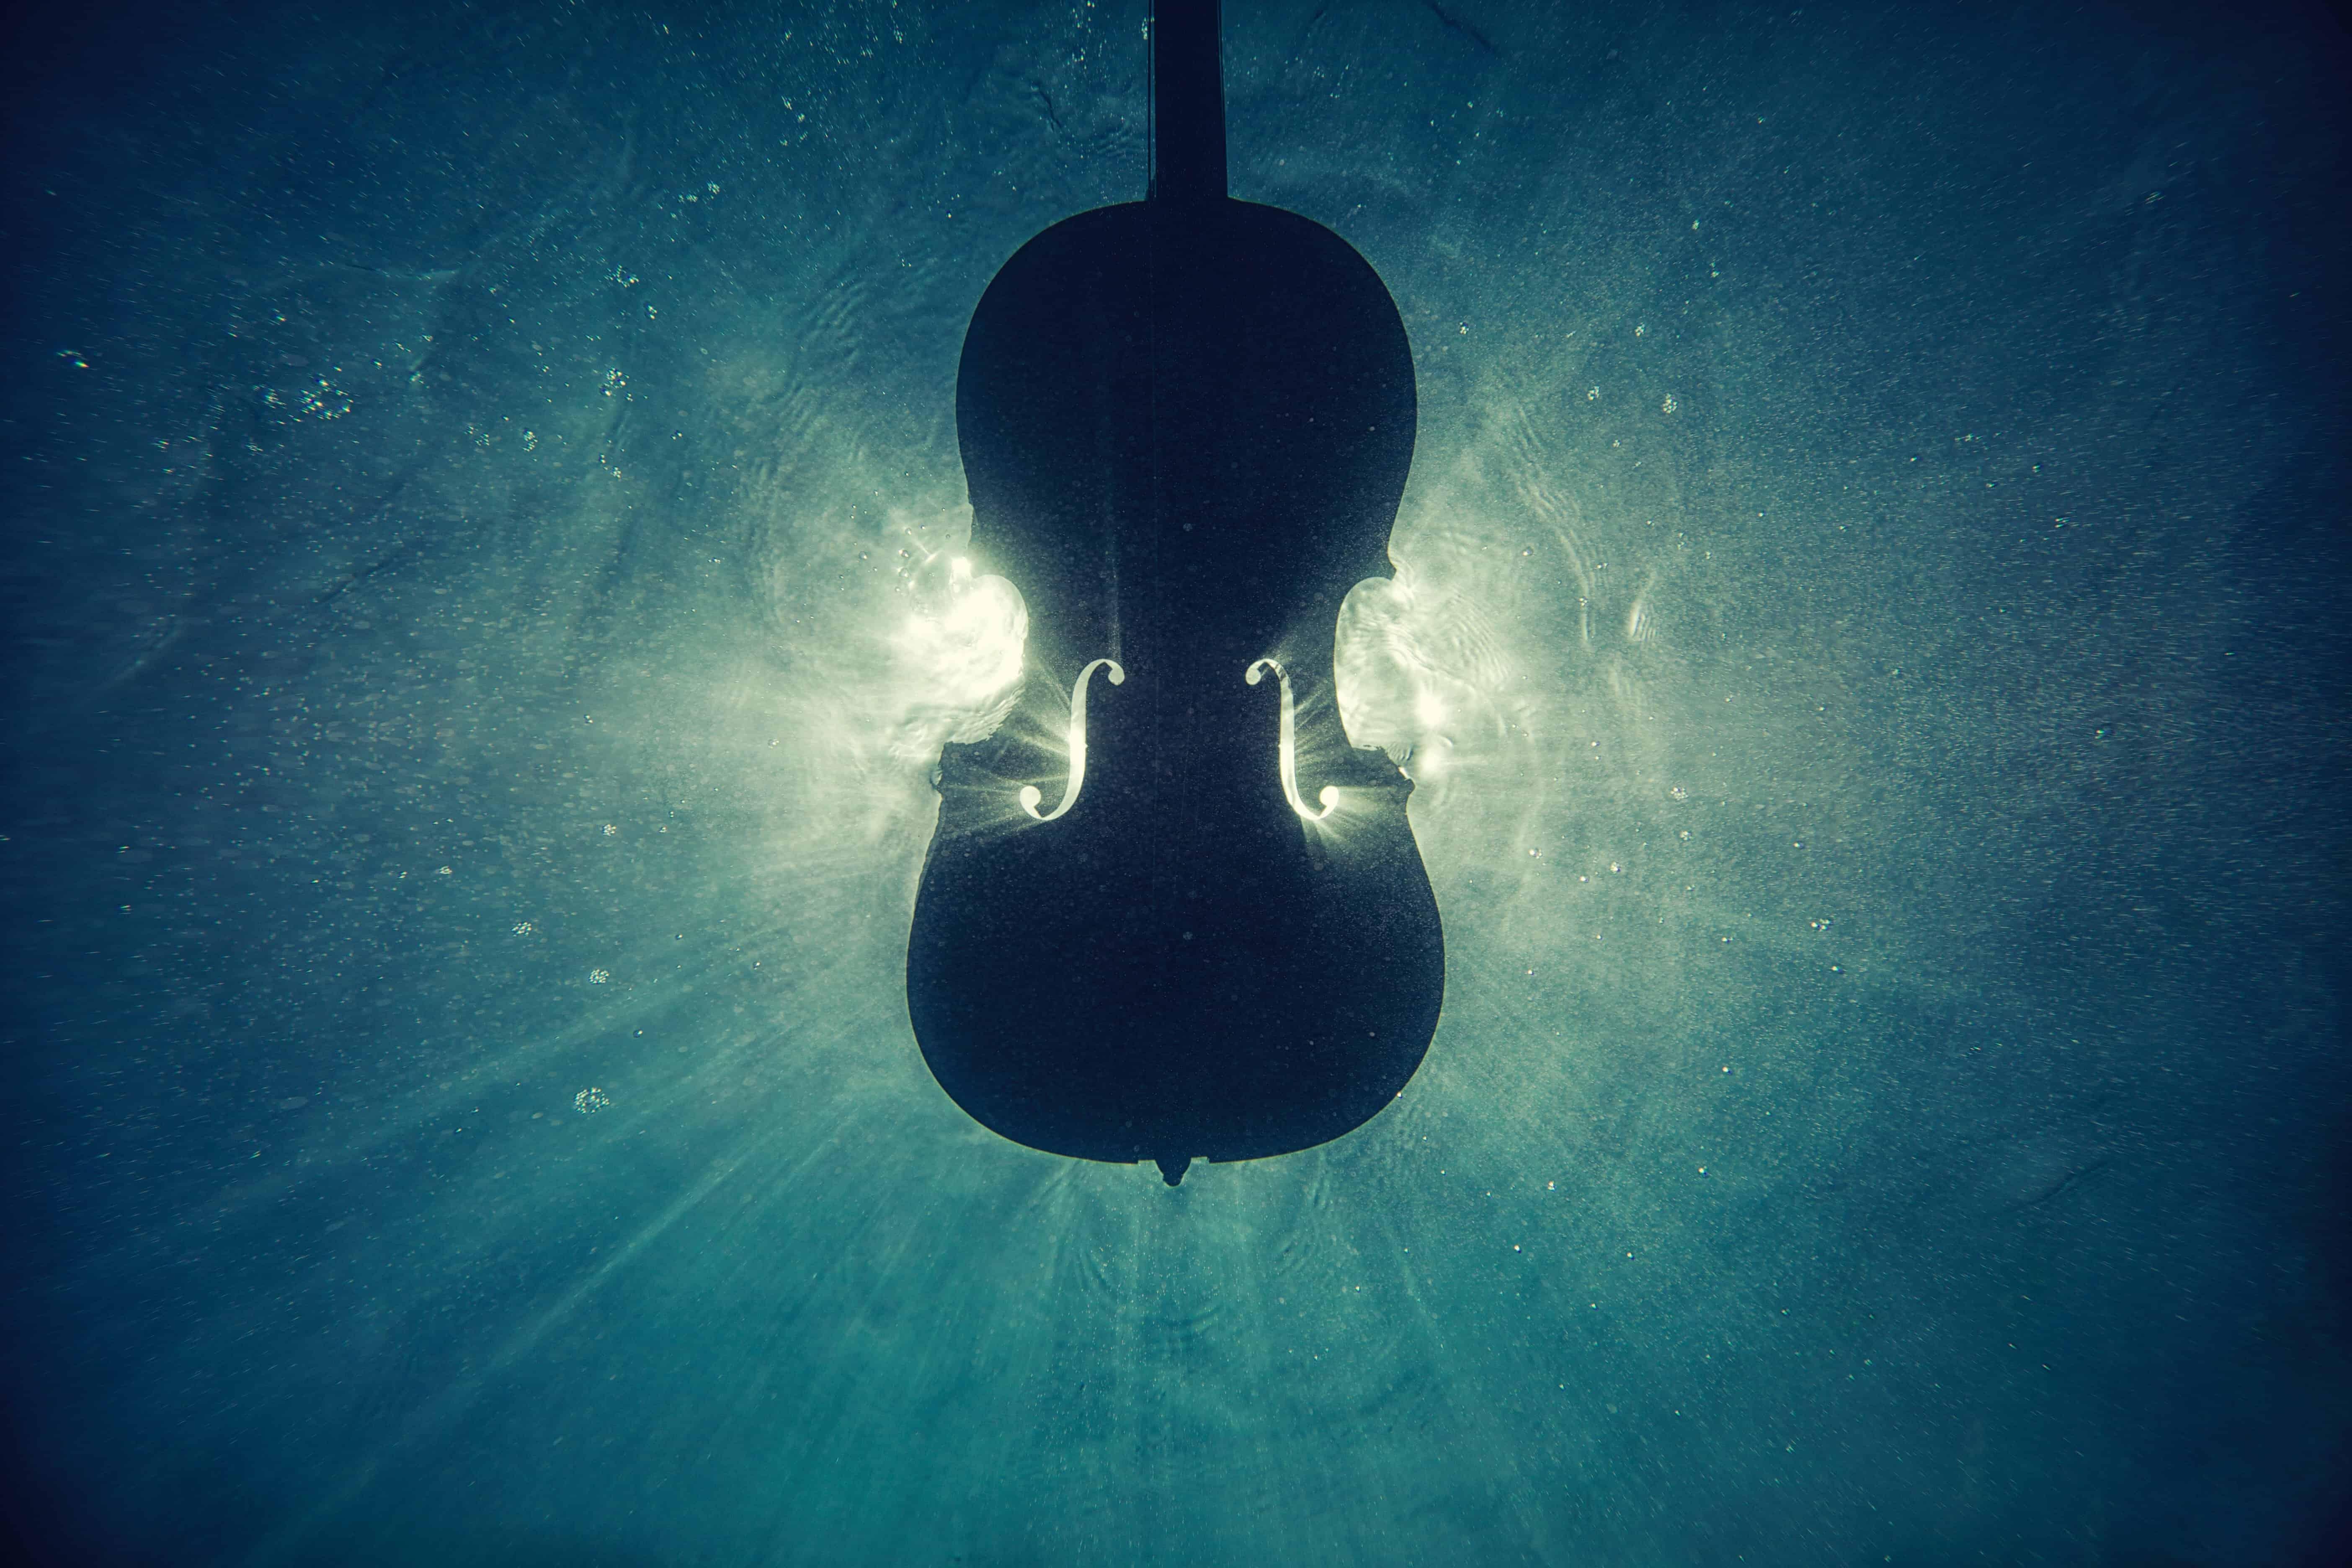 Похороны, свадьбы и скрипка: трагическая история одного гробовщика